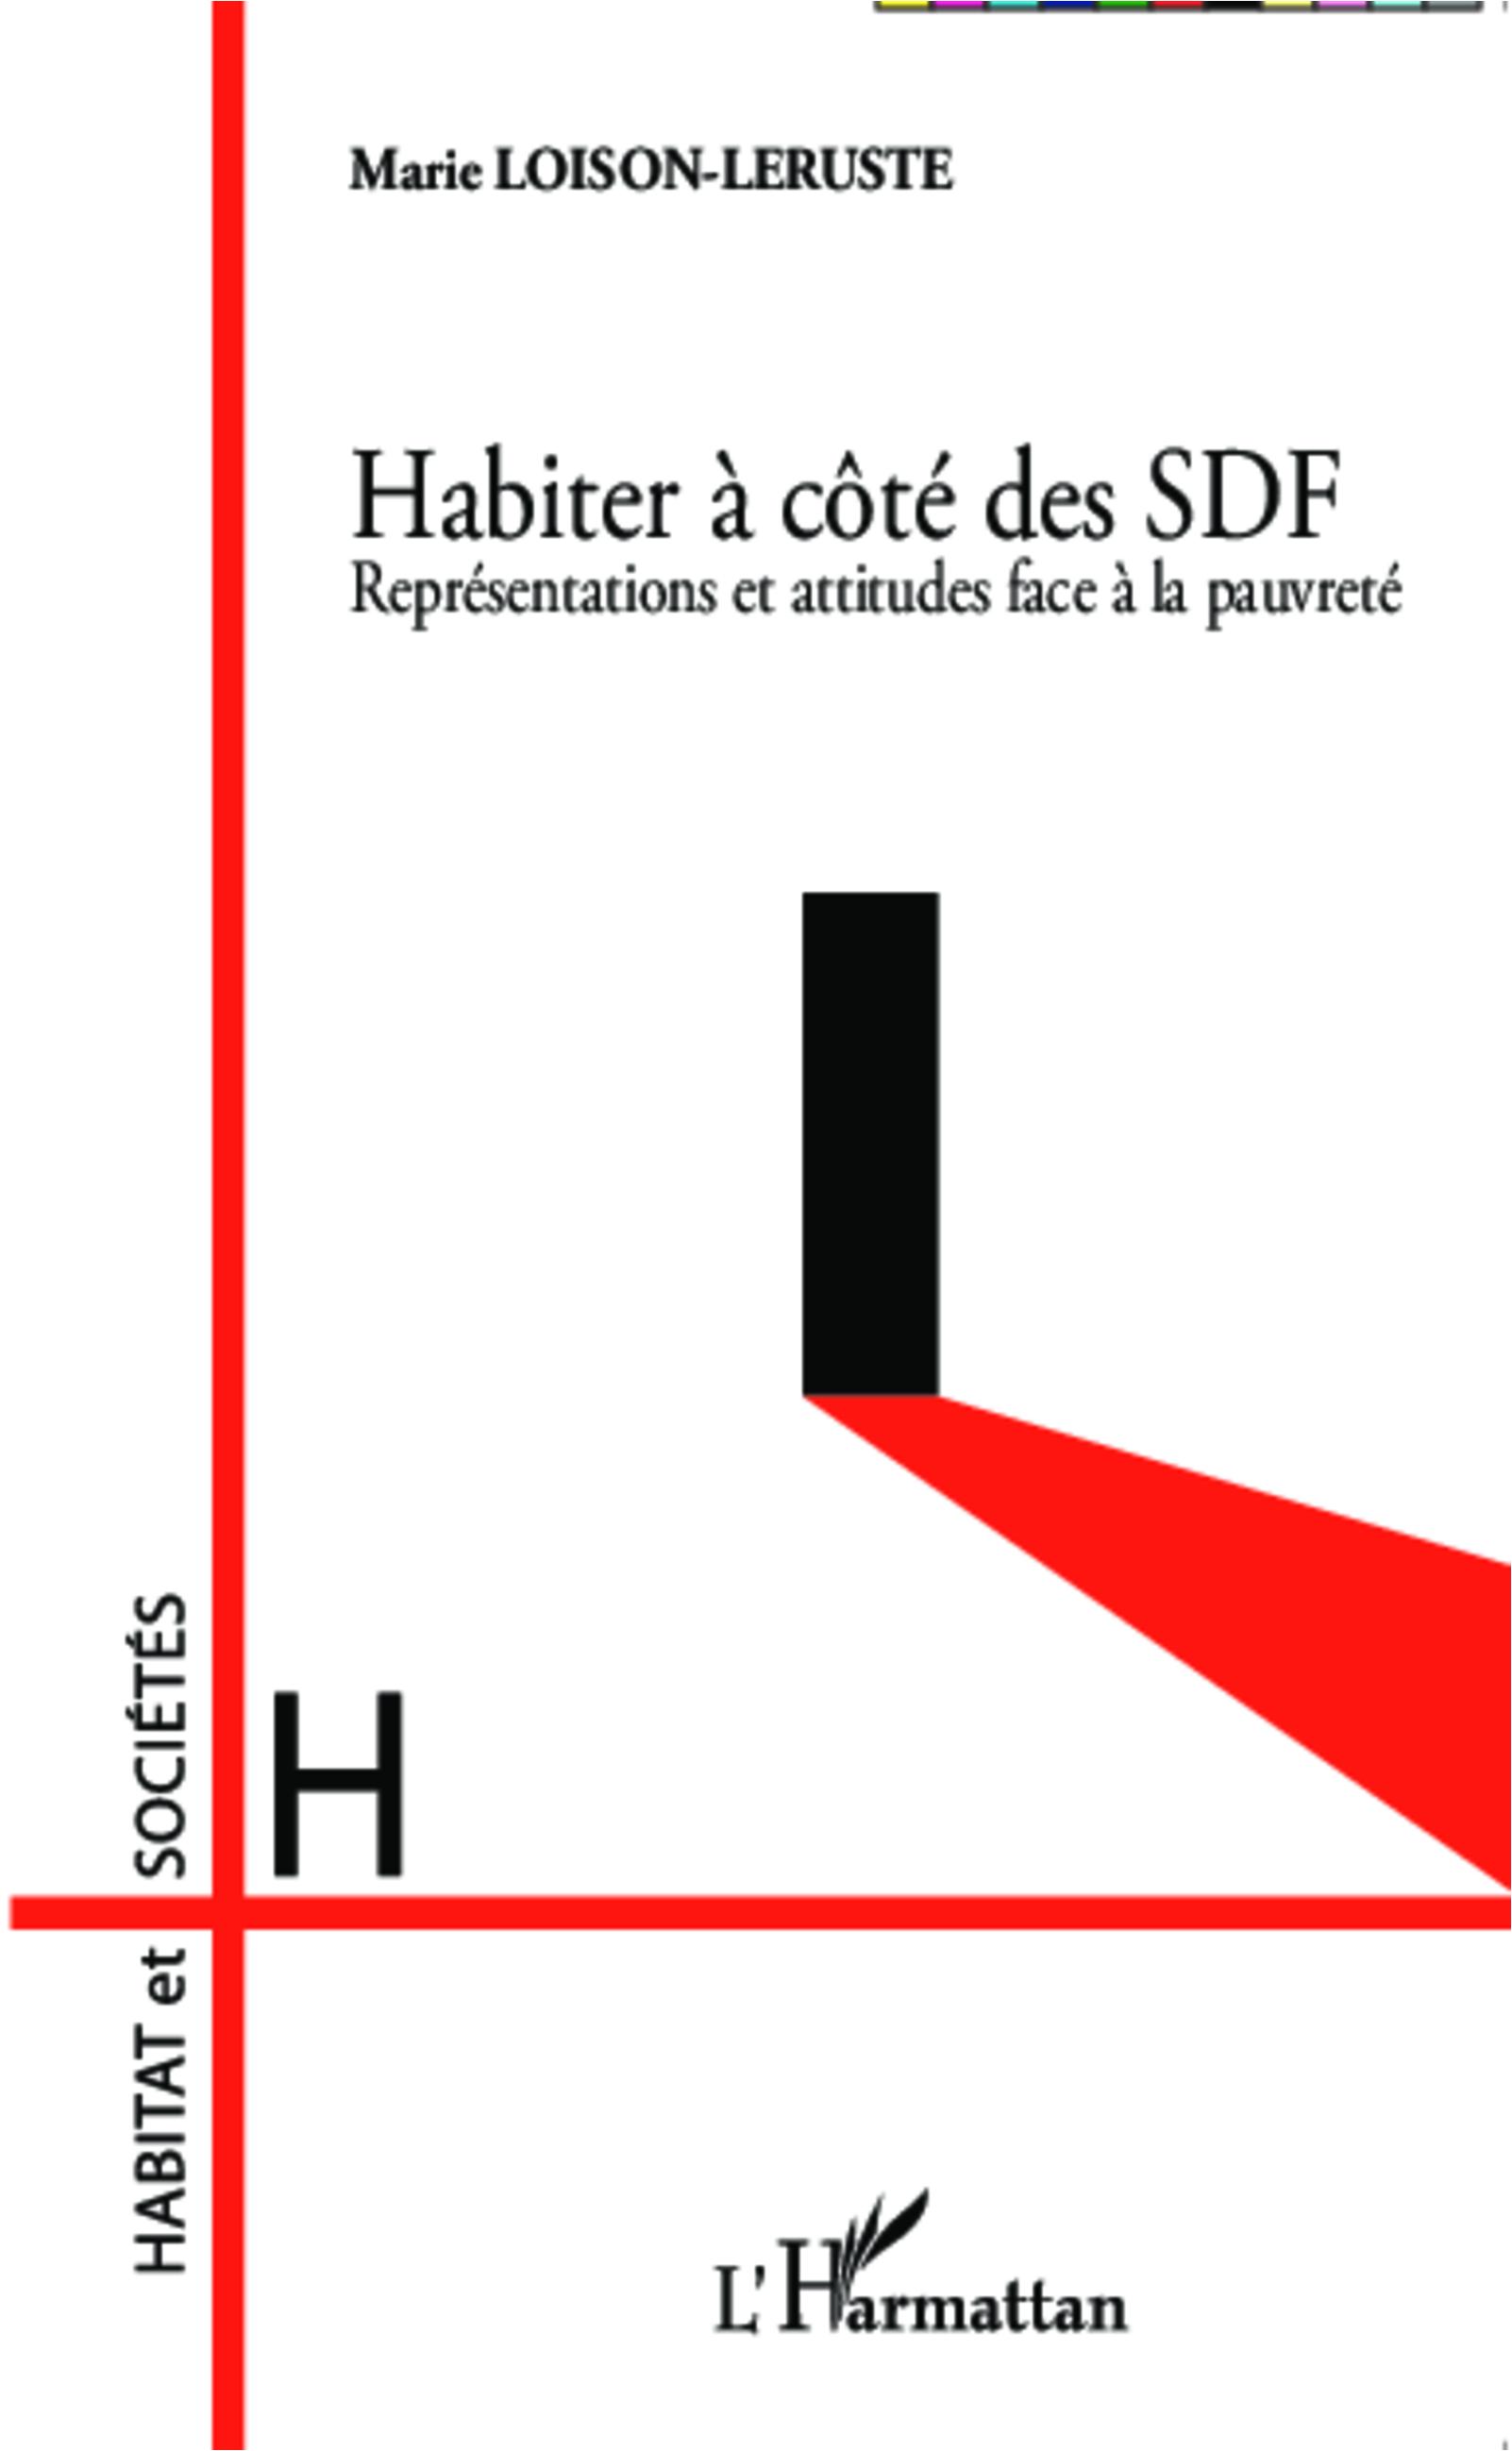 HABITER A COTE DES SDF REPRESENTATIONS ET ATTITUDES FACE A LA PAUVRETE